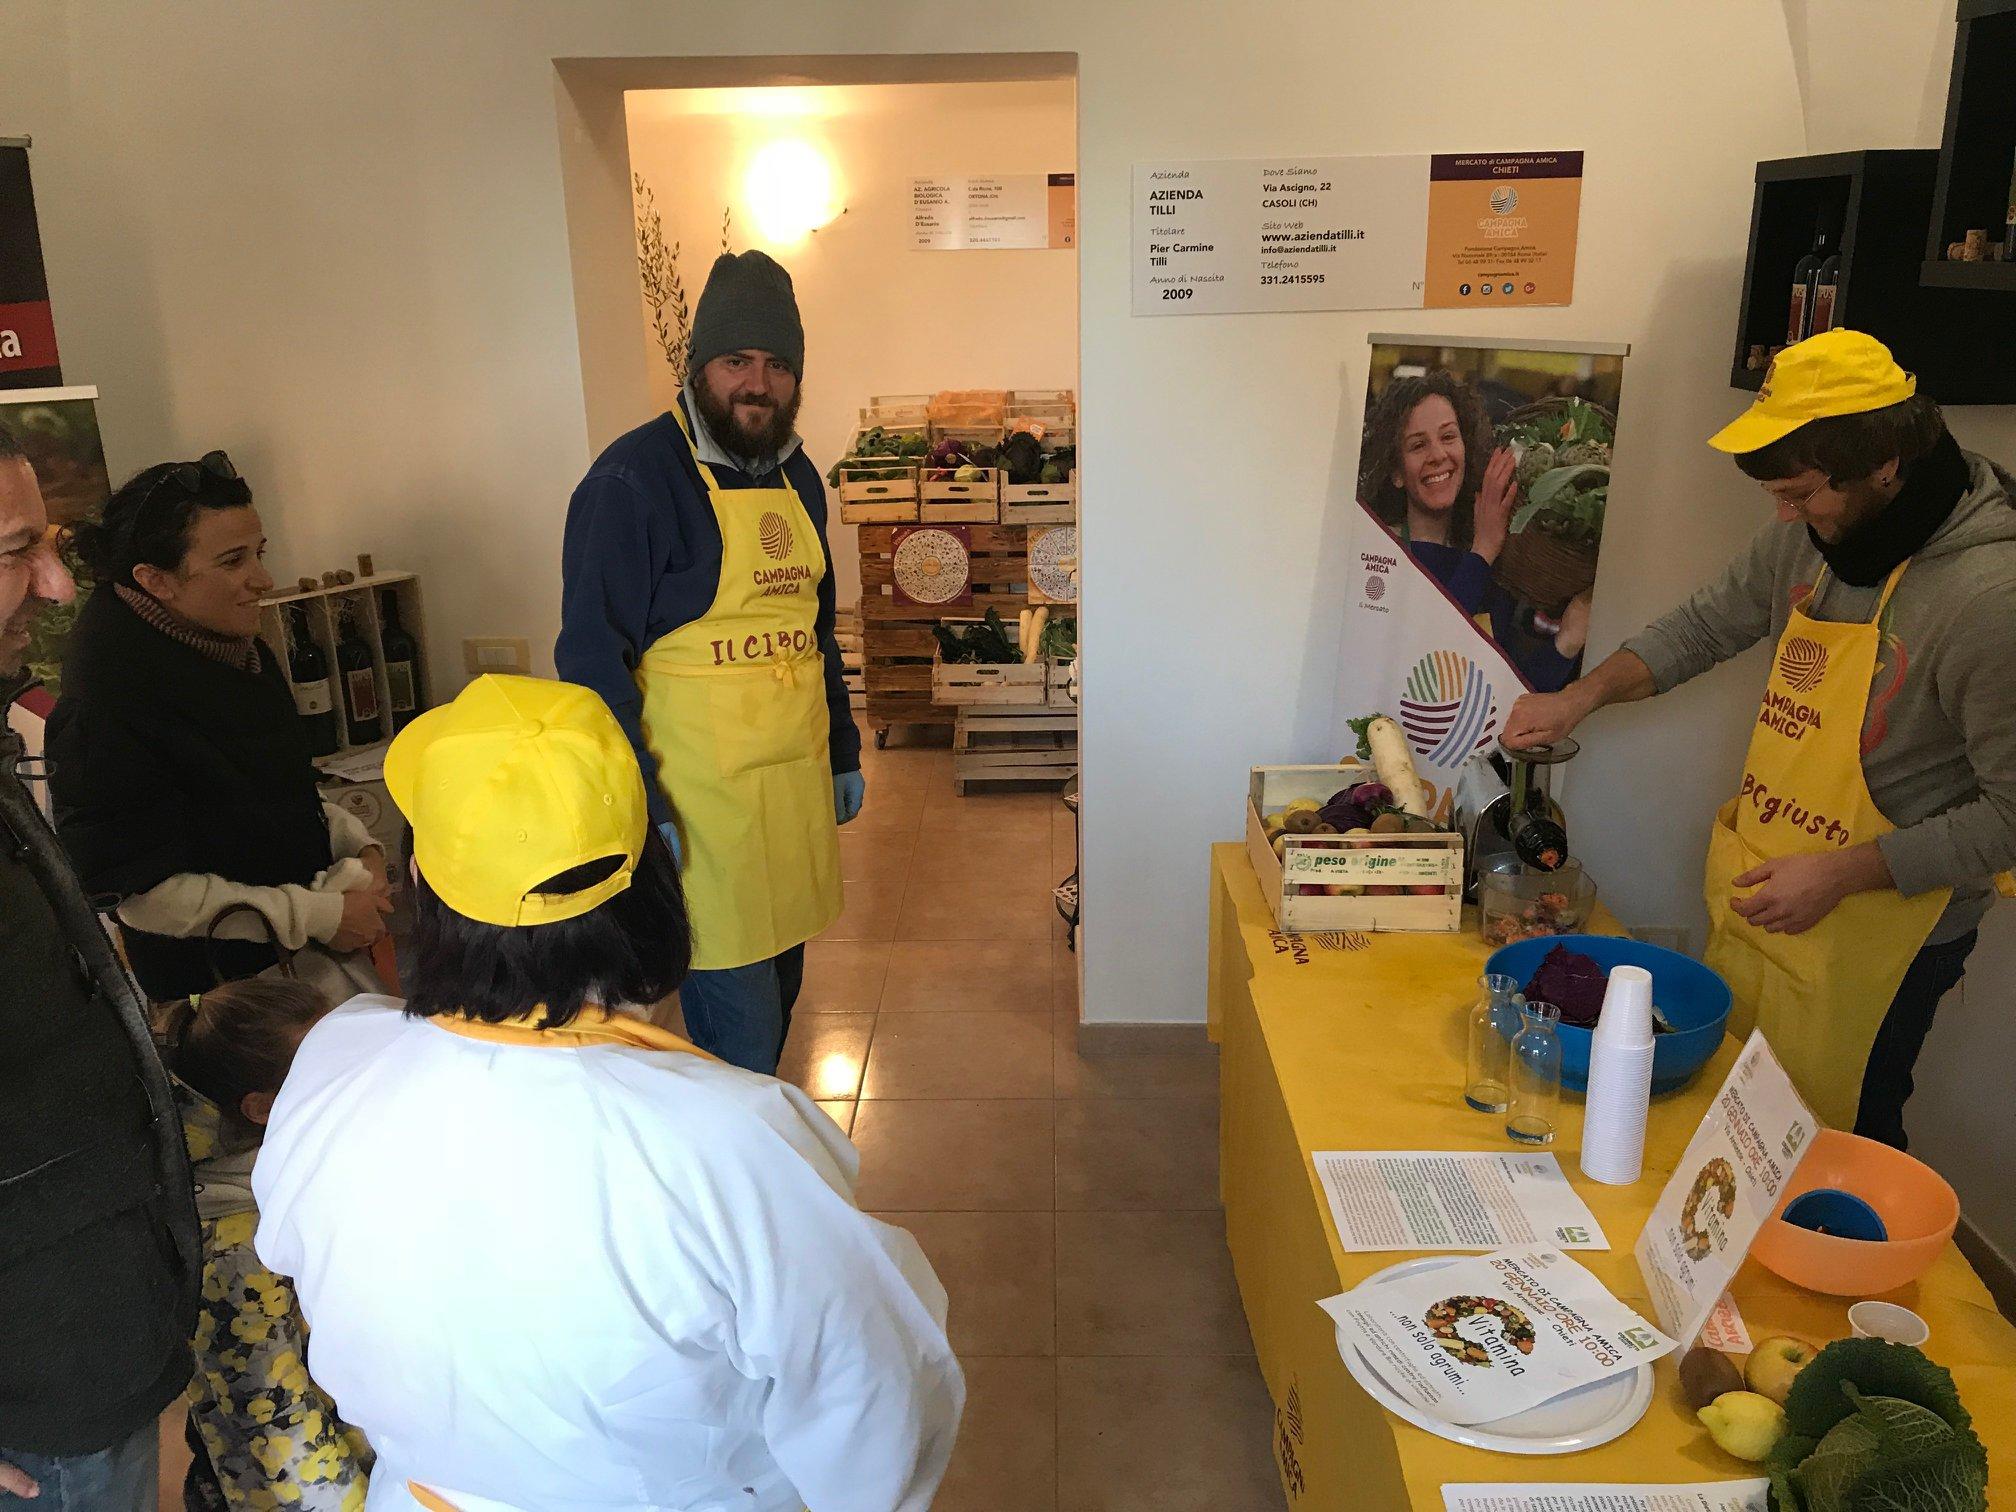 Campagna amica grande successo per l 39 iniziativa di for Subito it molise attrezzature agricole